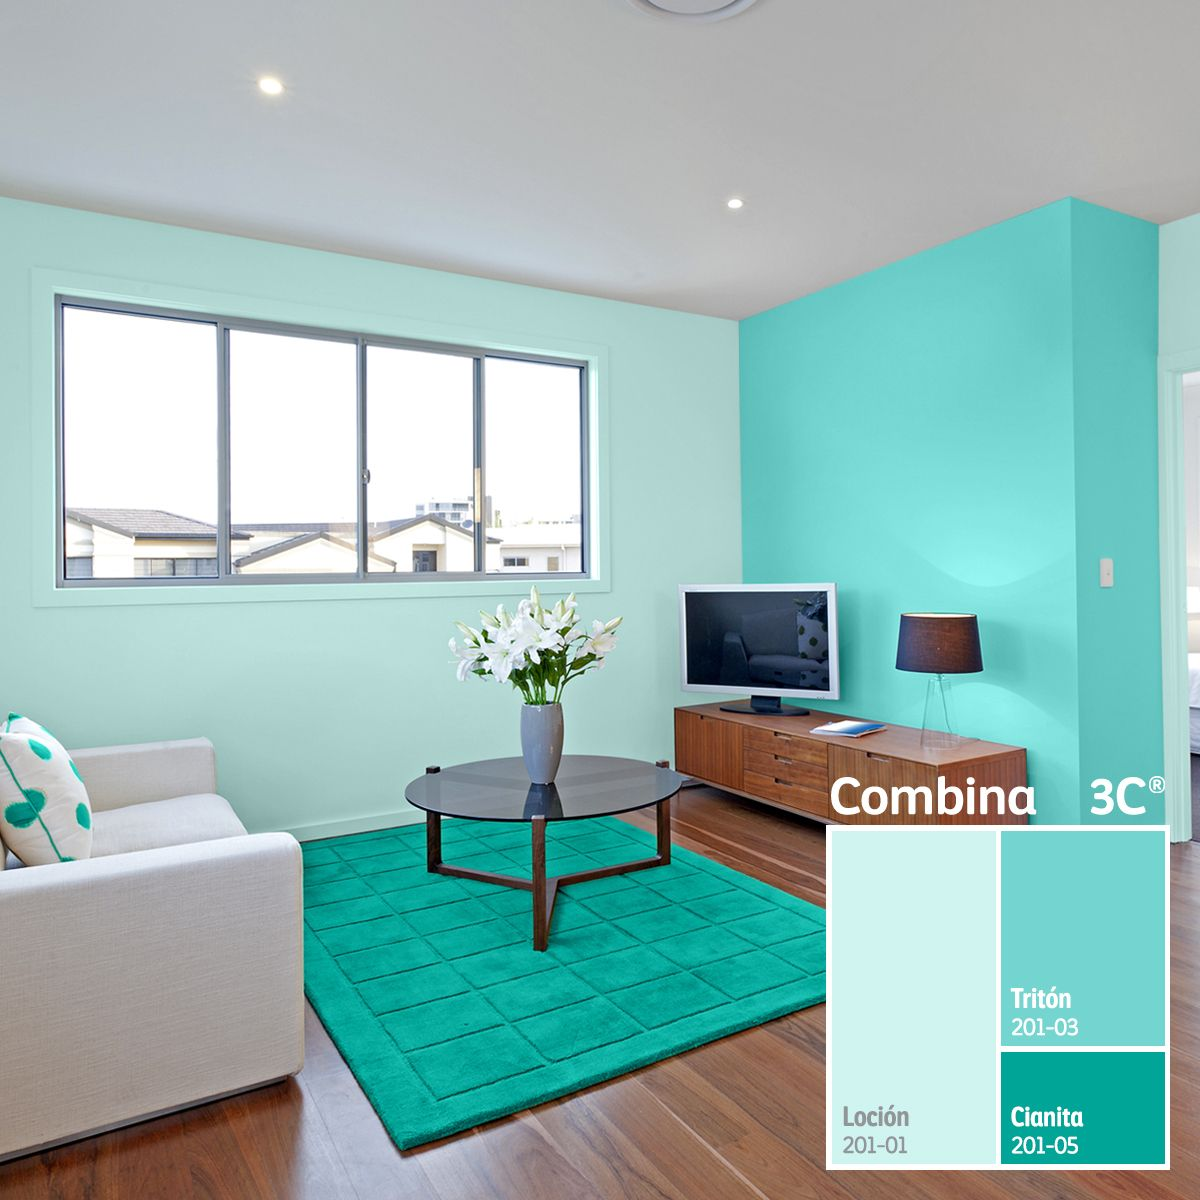 Para crear combinaciones monocrom ticas s lo debes elegir for Ver colores de pinturas para casas interiores